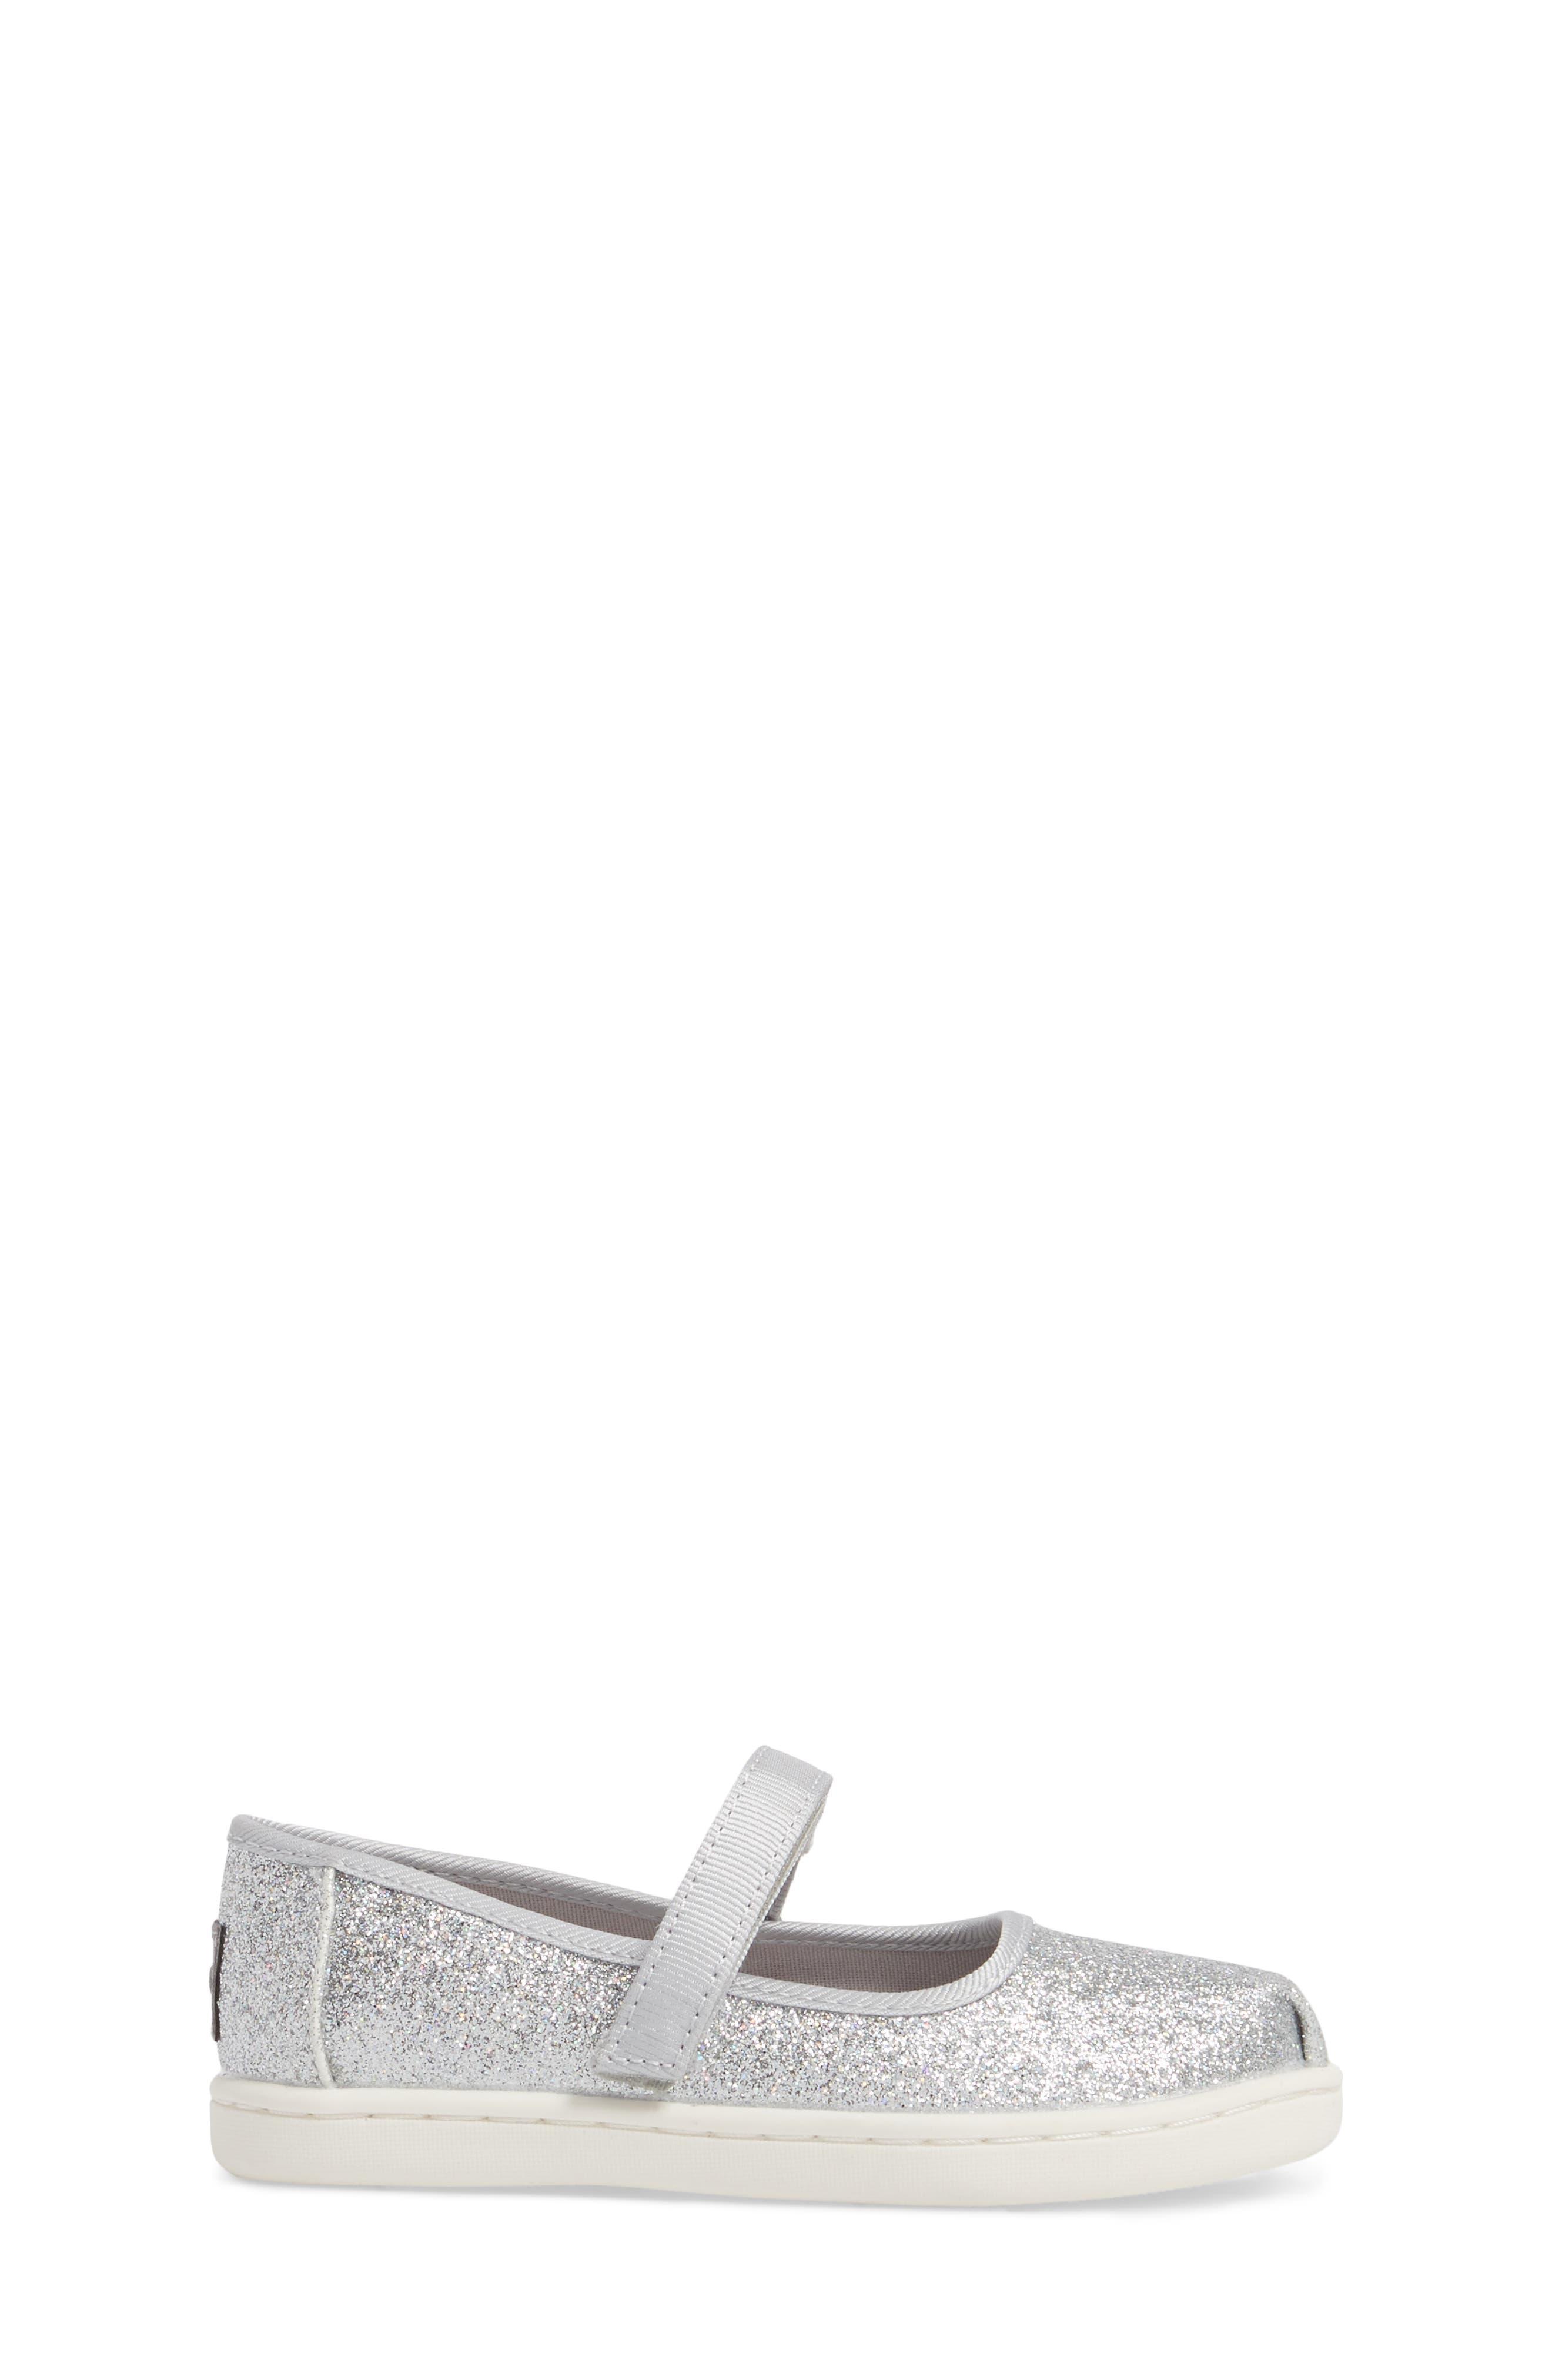 Mary Jane Sneaker,                             Alternate thumbnail 3, color,                             040